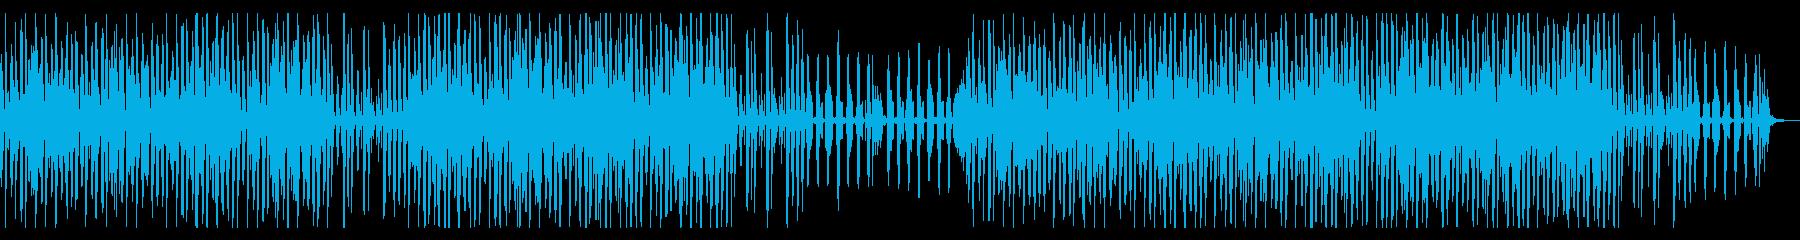 ピアノがはずむ可愛いトークBGMの再生済みの波形